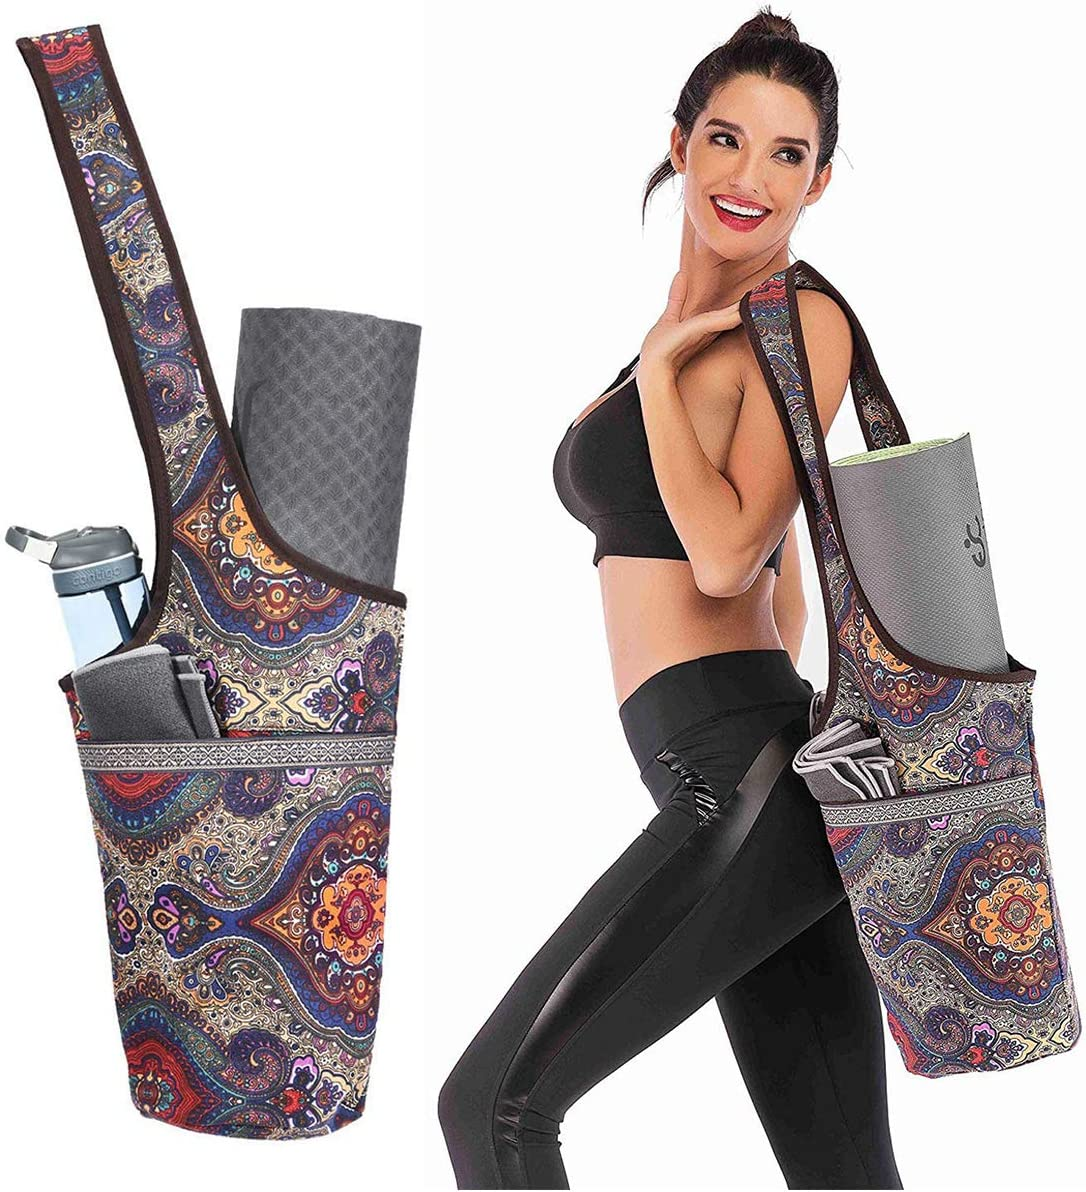 Bolsa de esterilla grande para yoga Pilates compacta con bolsillos se adapta a la mayor/ía del tama/ño de la alfombrilla correa ajustable extra ancha f/ácil acceso